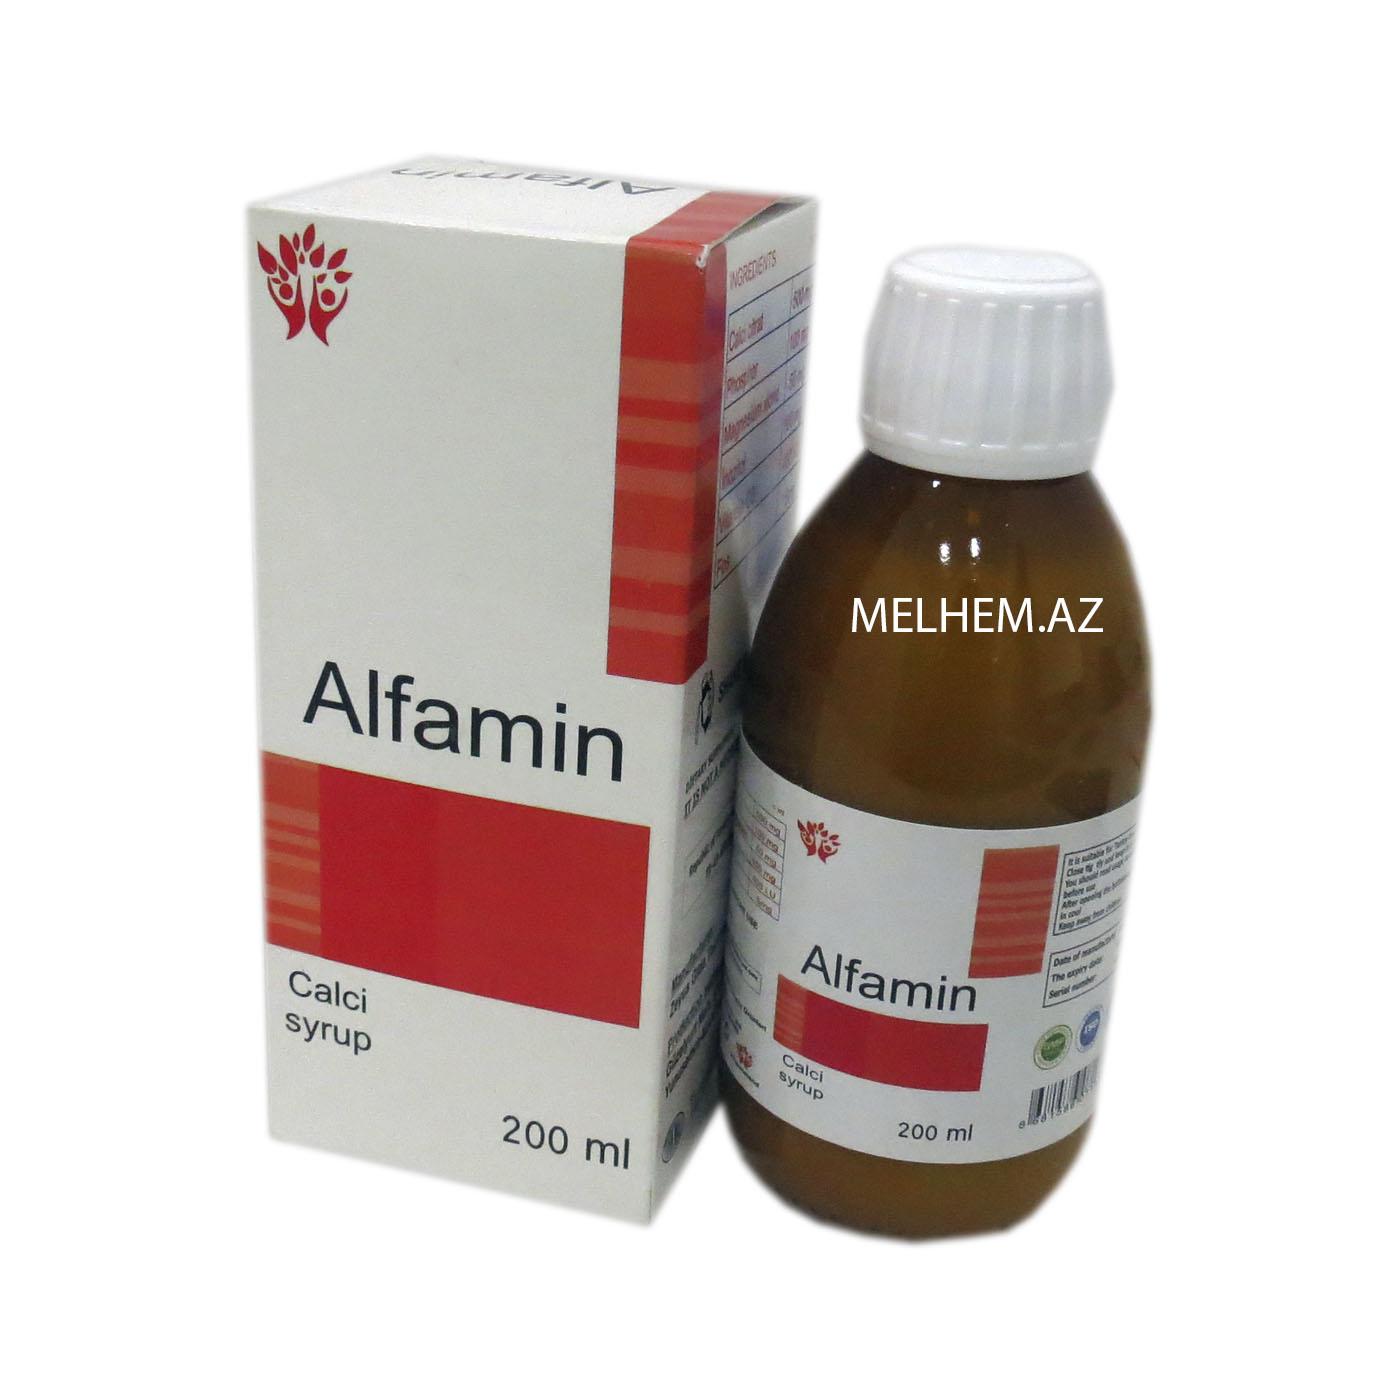 ALFAMIN